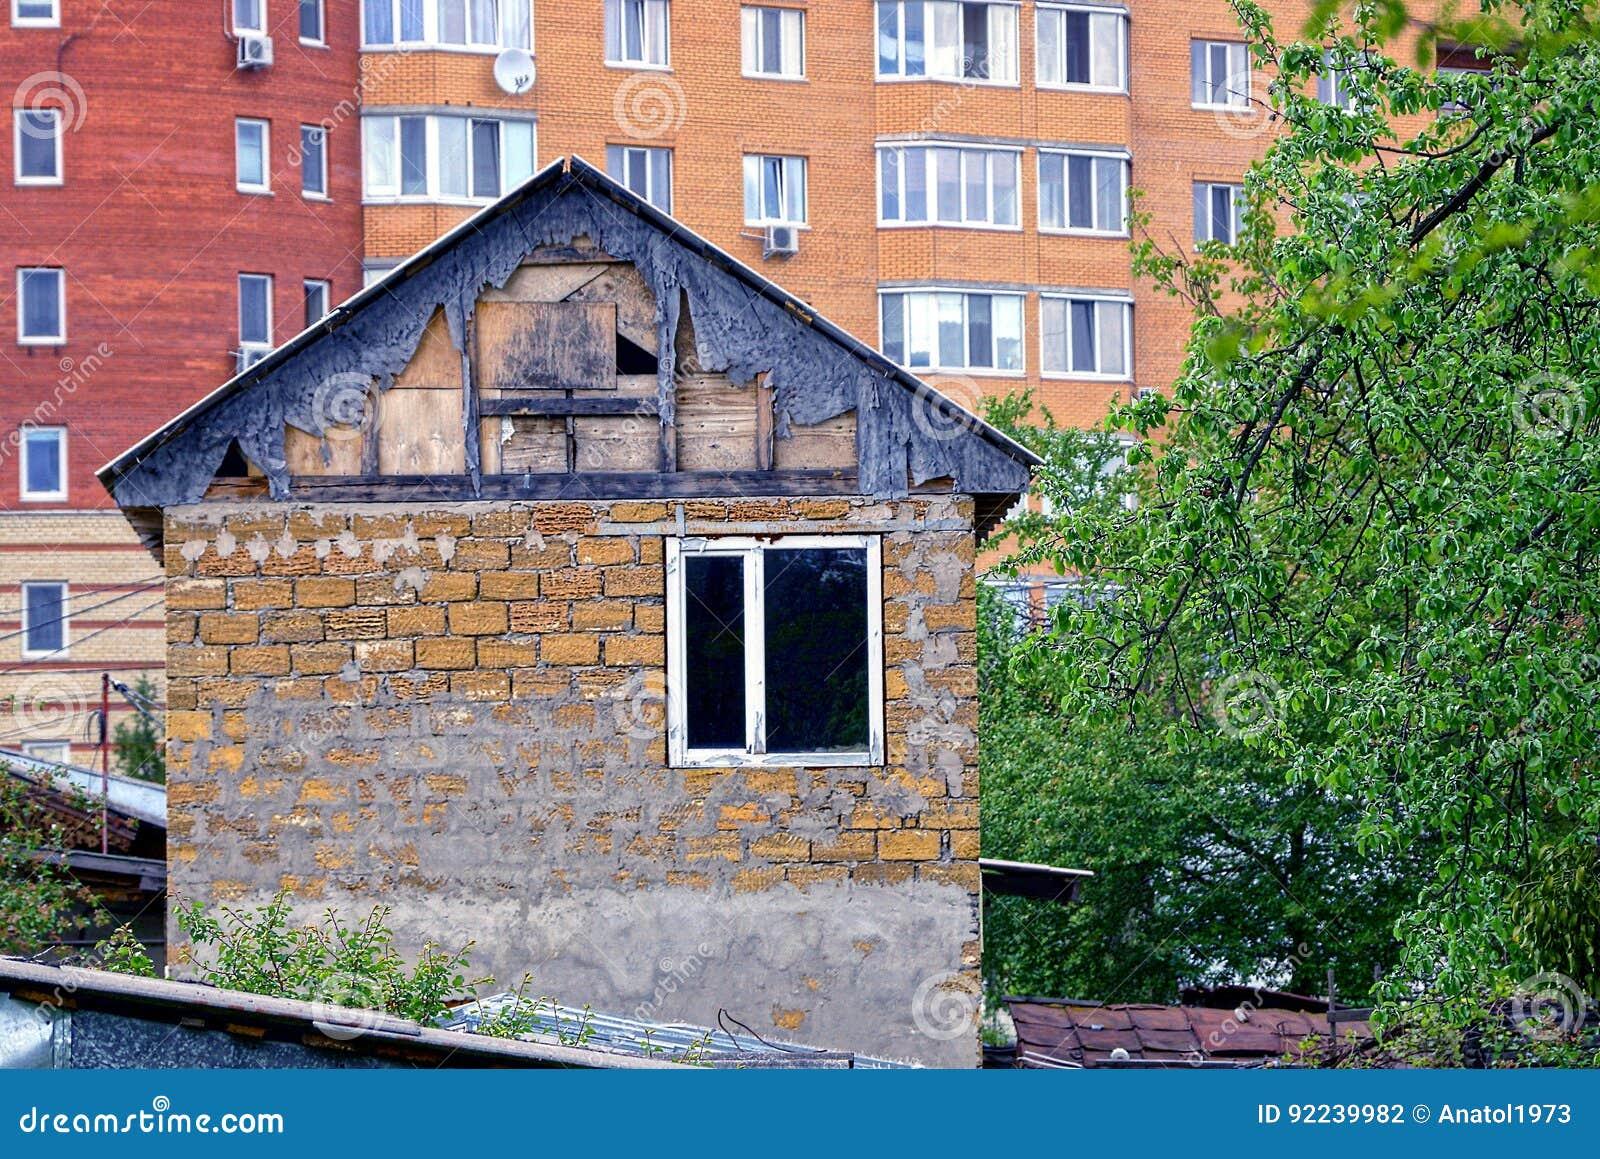 Privé oud één verhaal huis op de achtergrond van een multi flat